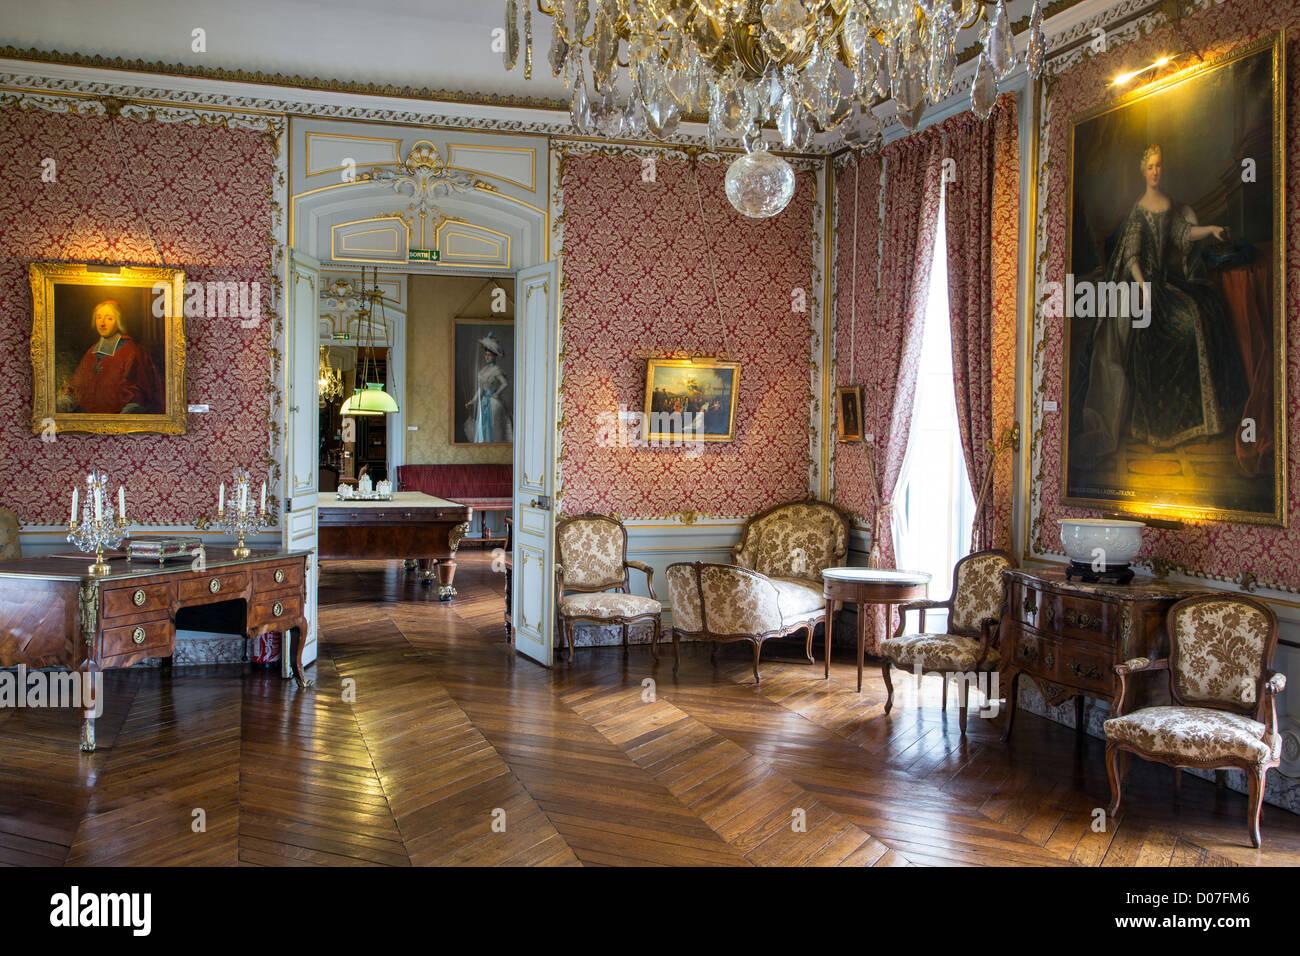 The great salon chateau de maintenon eure et loir 28 france stock photo 51797094 alamy - Chateau de menetou salon visites ...